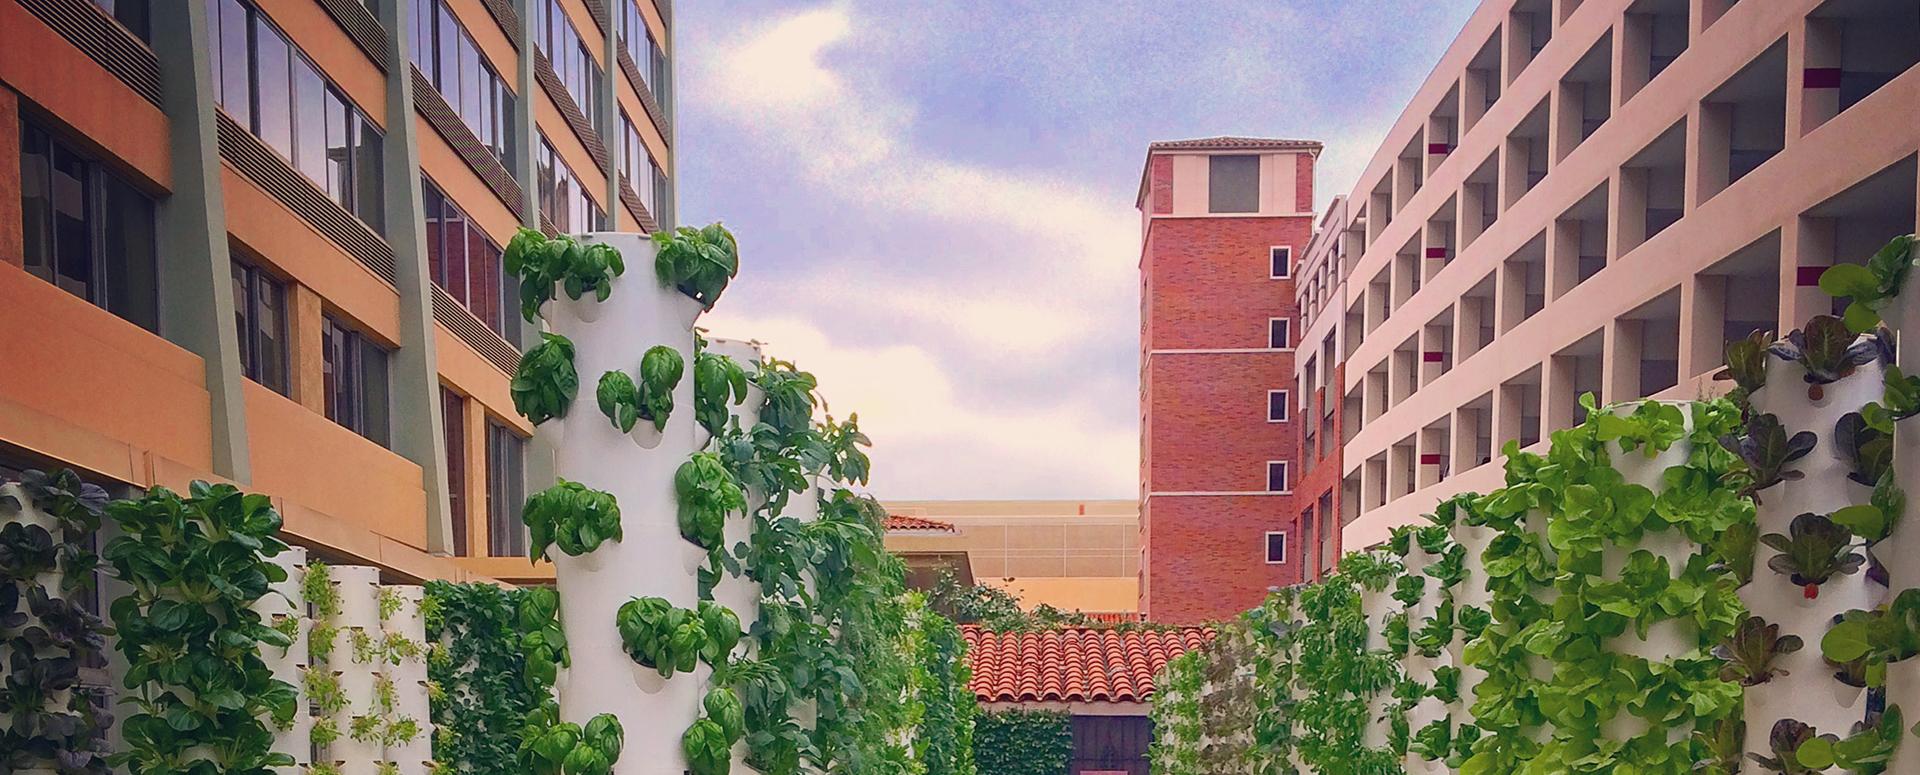 Urban Farms La Urban Farms